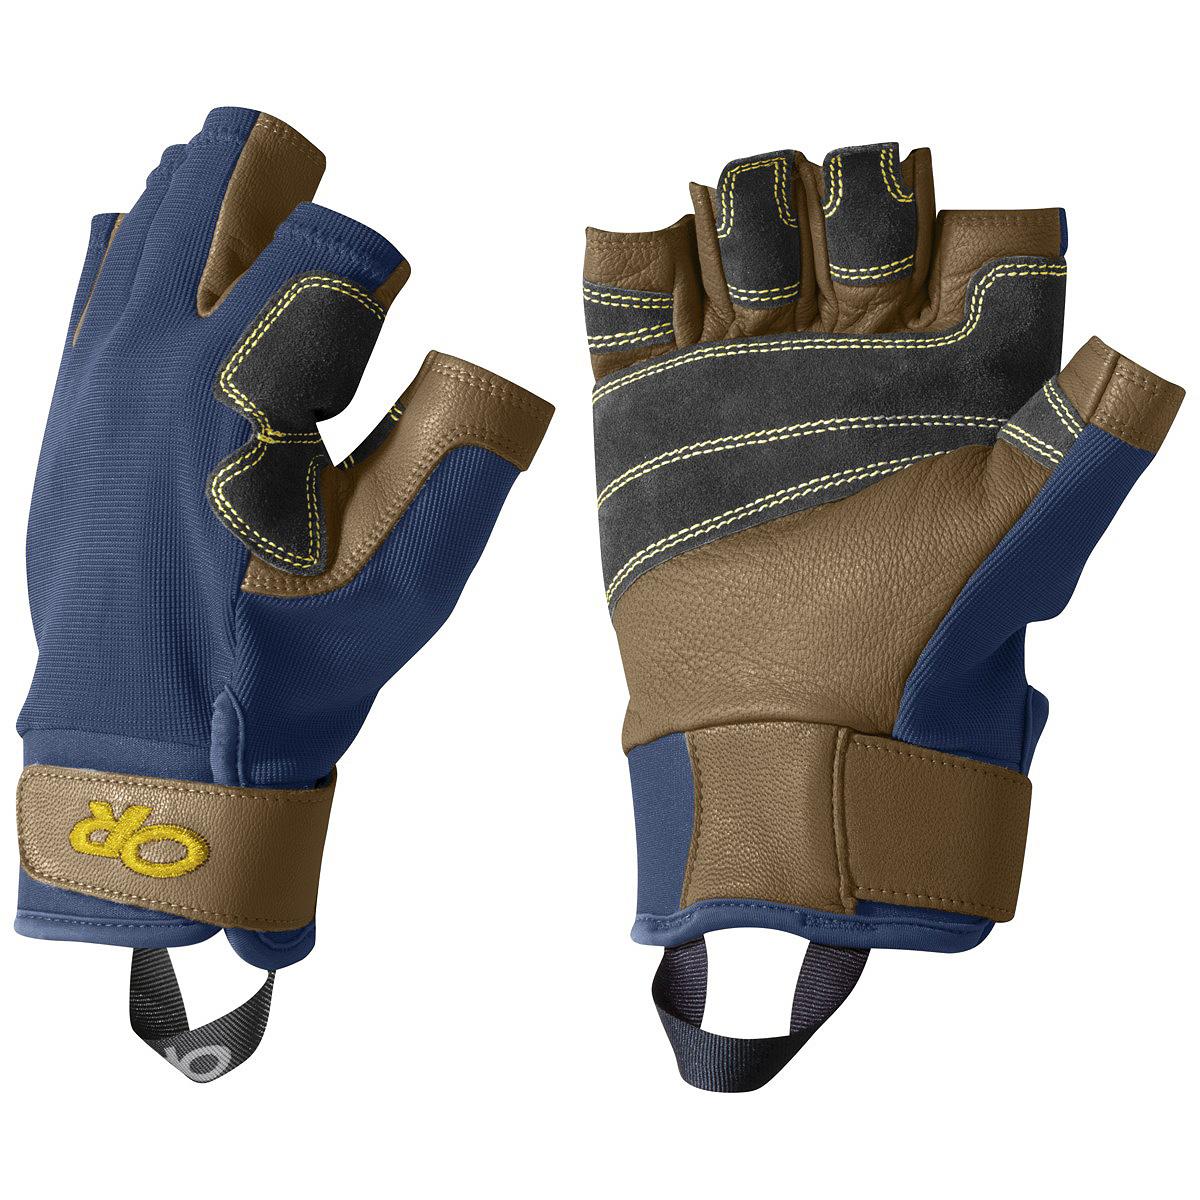 Перчатки Outdoor Research Fossil Rock, цвет: синий. 2643631201. Размер S2643631201Перчатки для скалолазания с открытыми пальцами, выполнены из прочного эластичного полиэстера с кевларовыми нитями, ладонь из кожи. На пальцах и ладони есть отверстия для лучшей вентиляции. Ткань приятная на ощупь, неопреновая манжета регулируется липучкой.